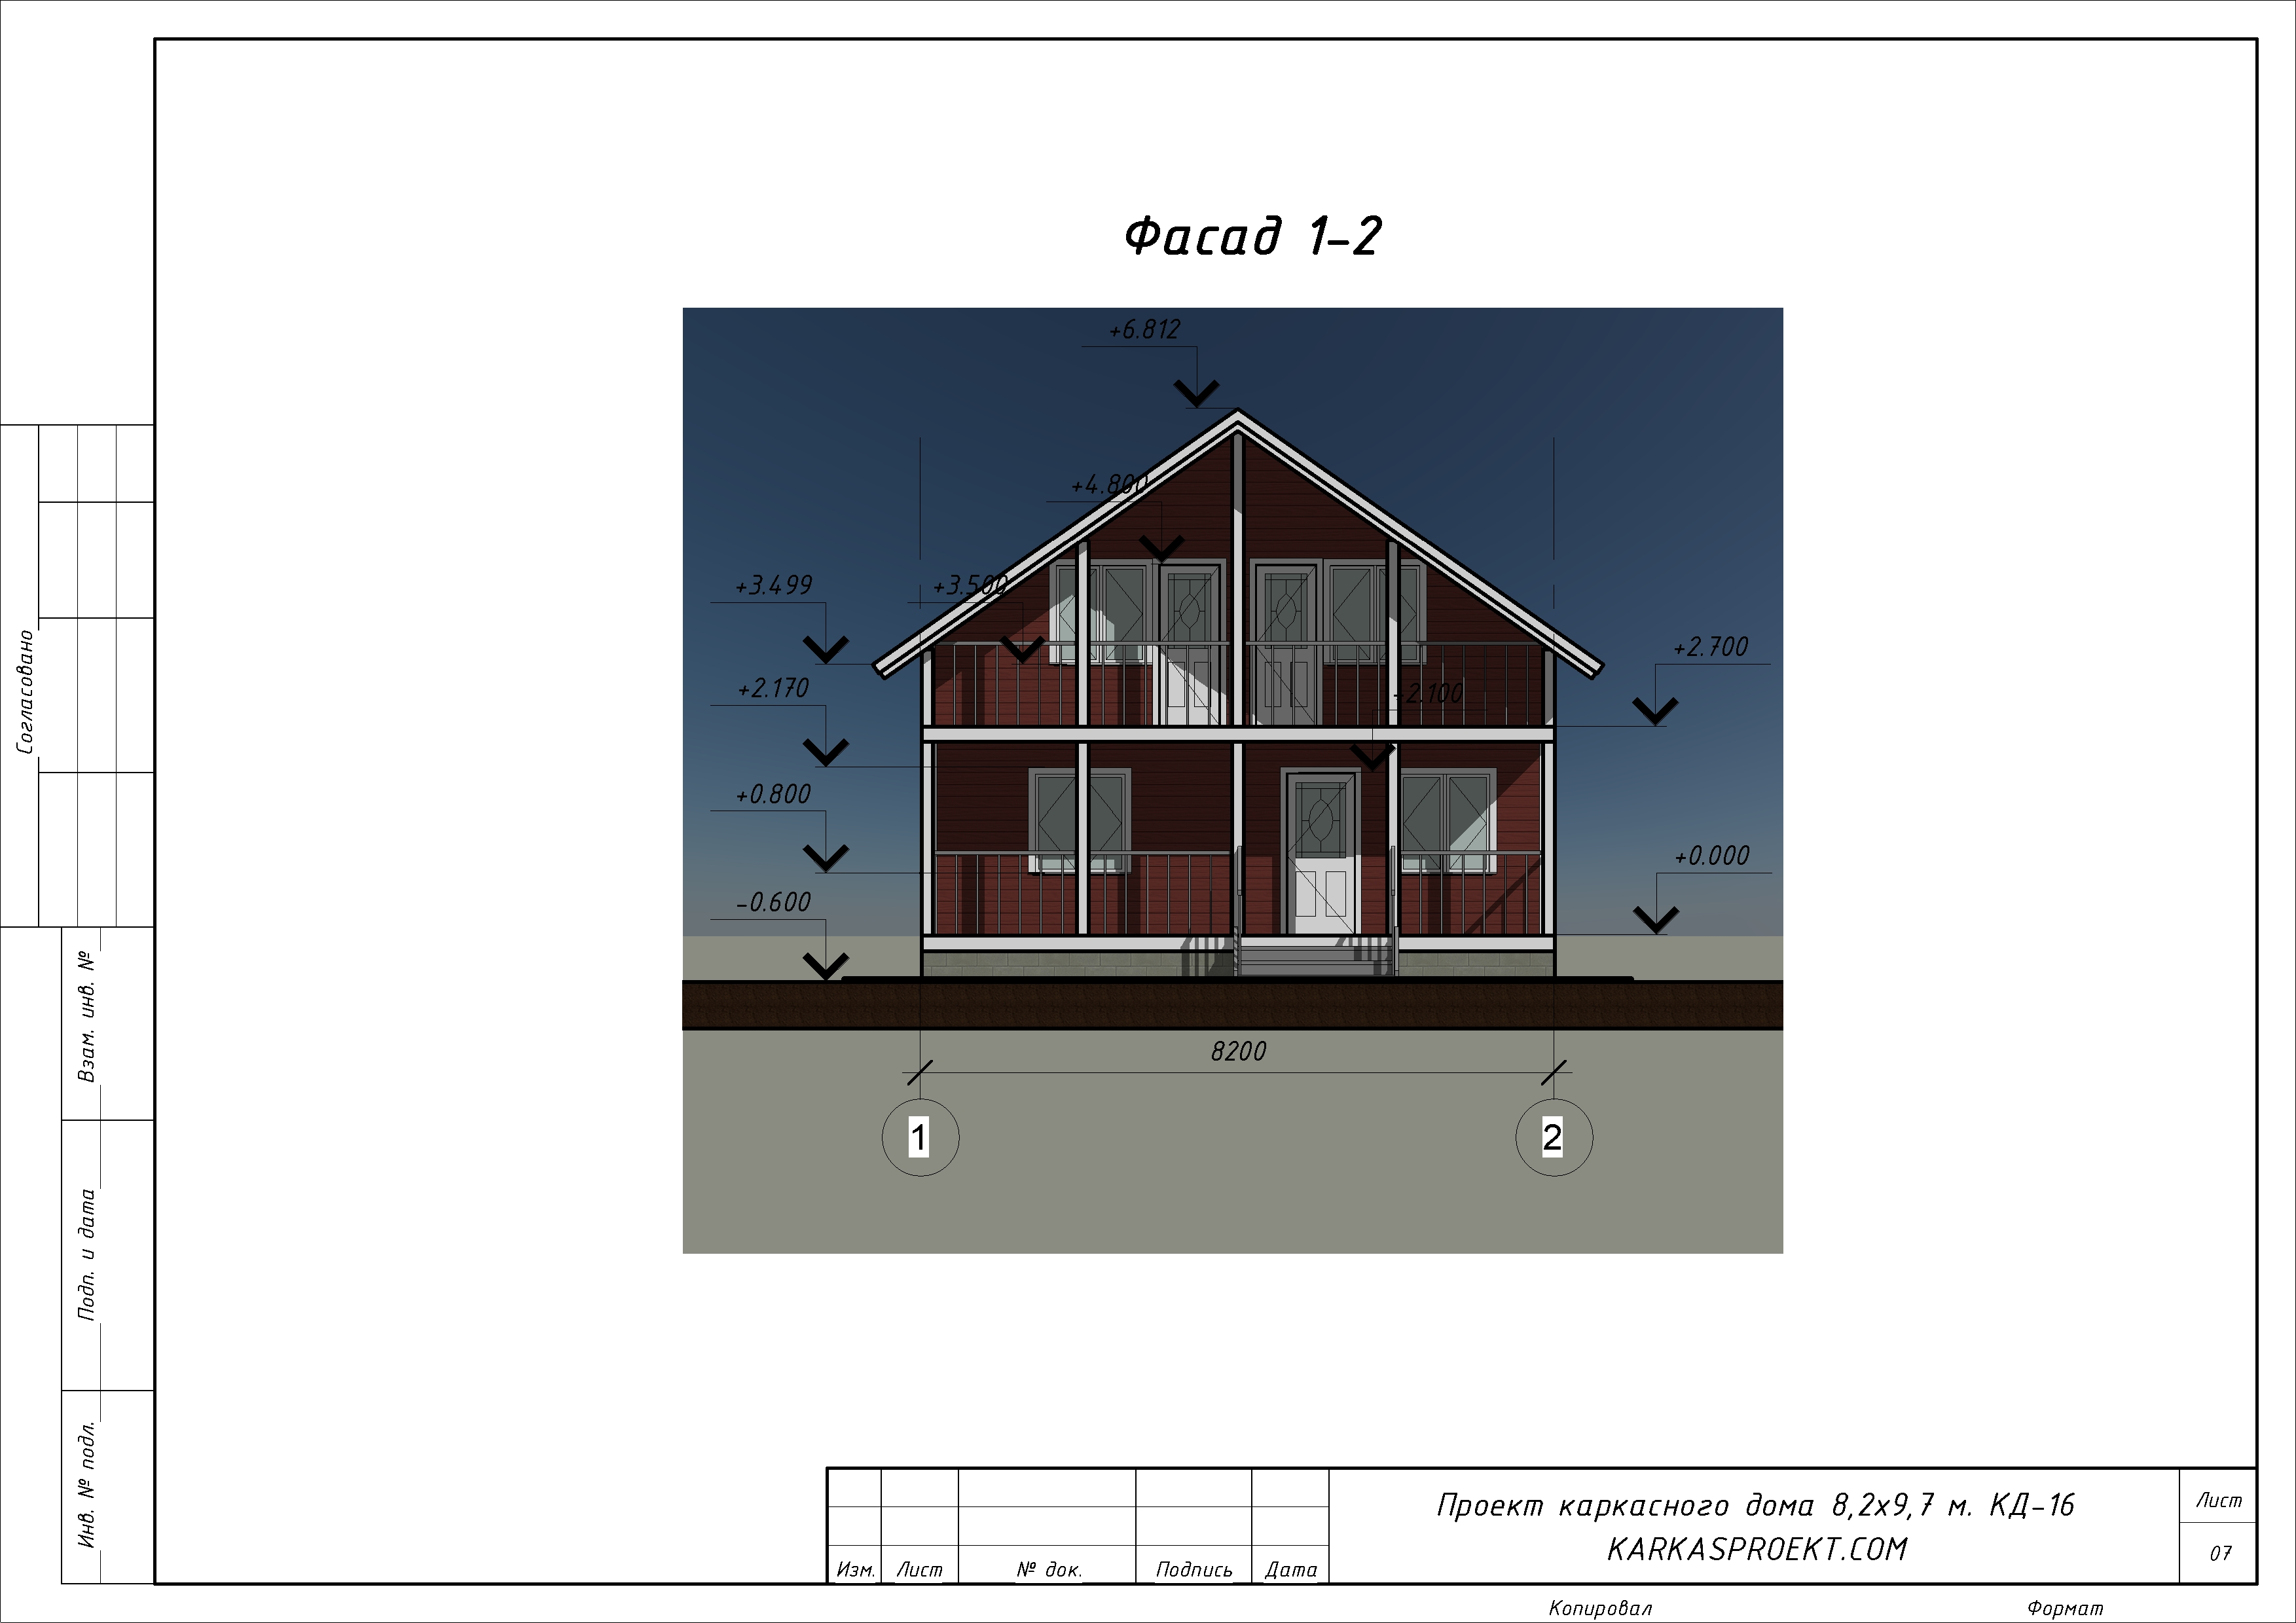 КД-16 - Фасад 1-2